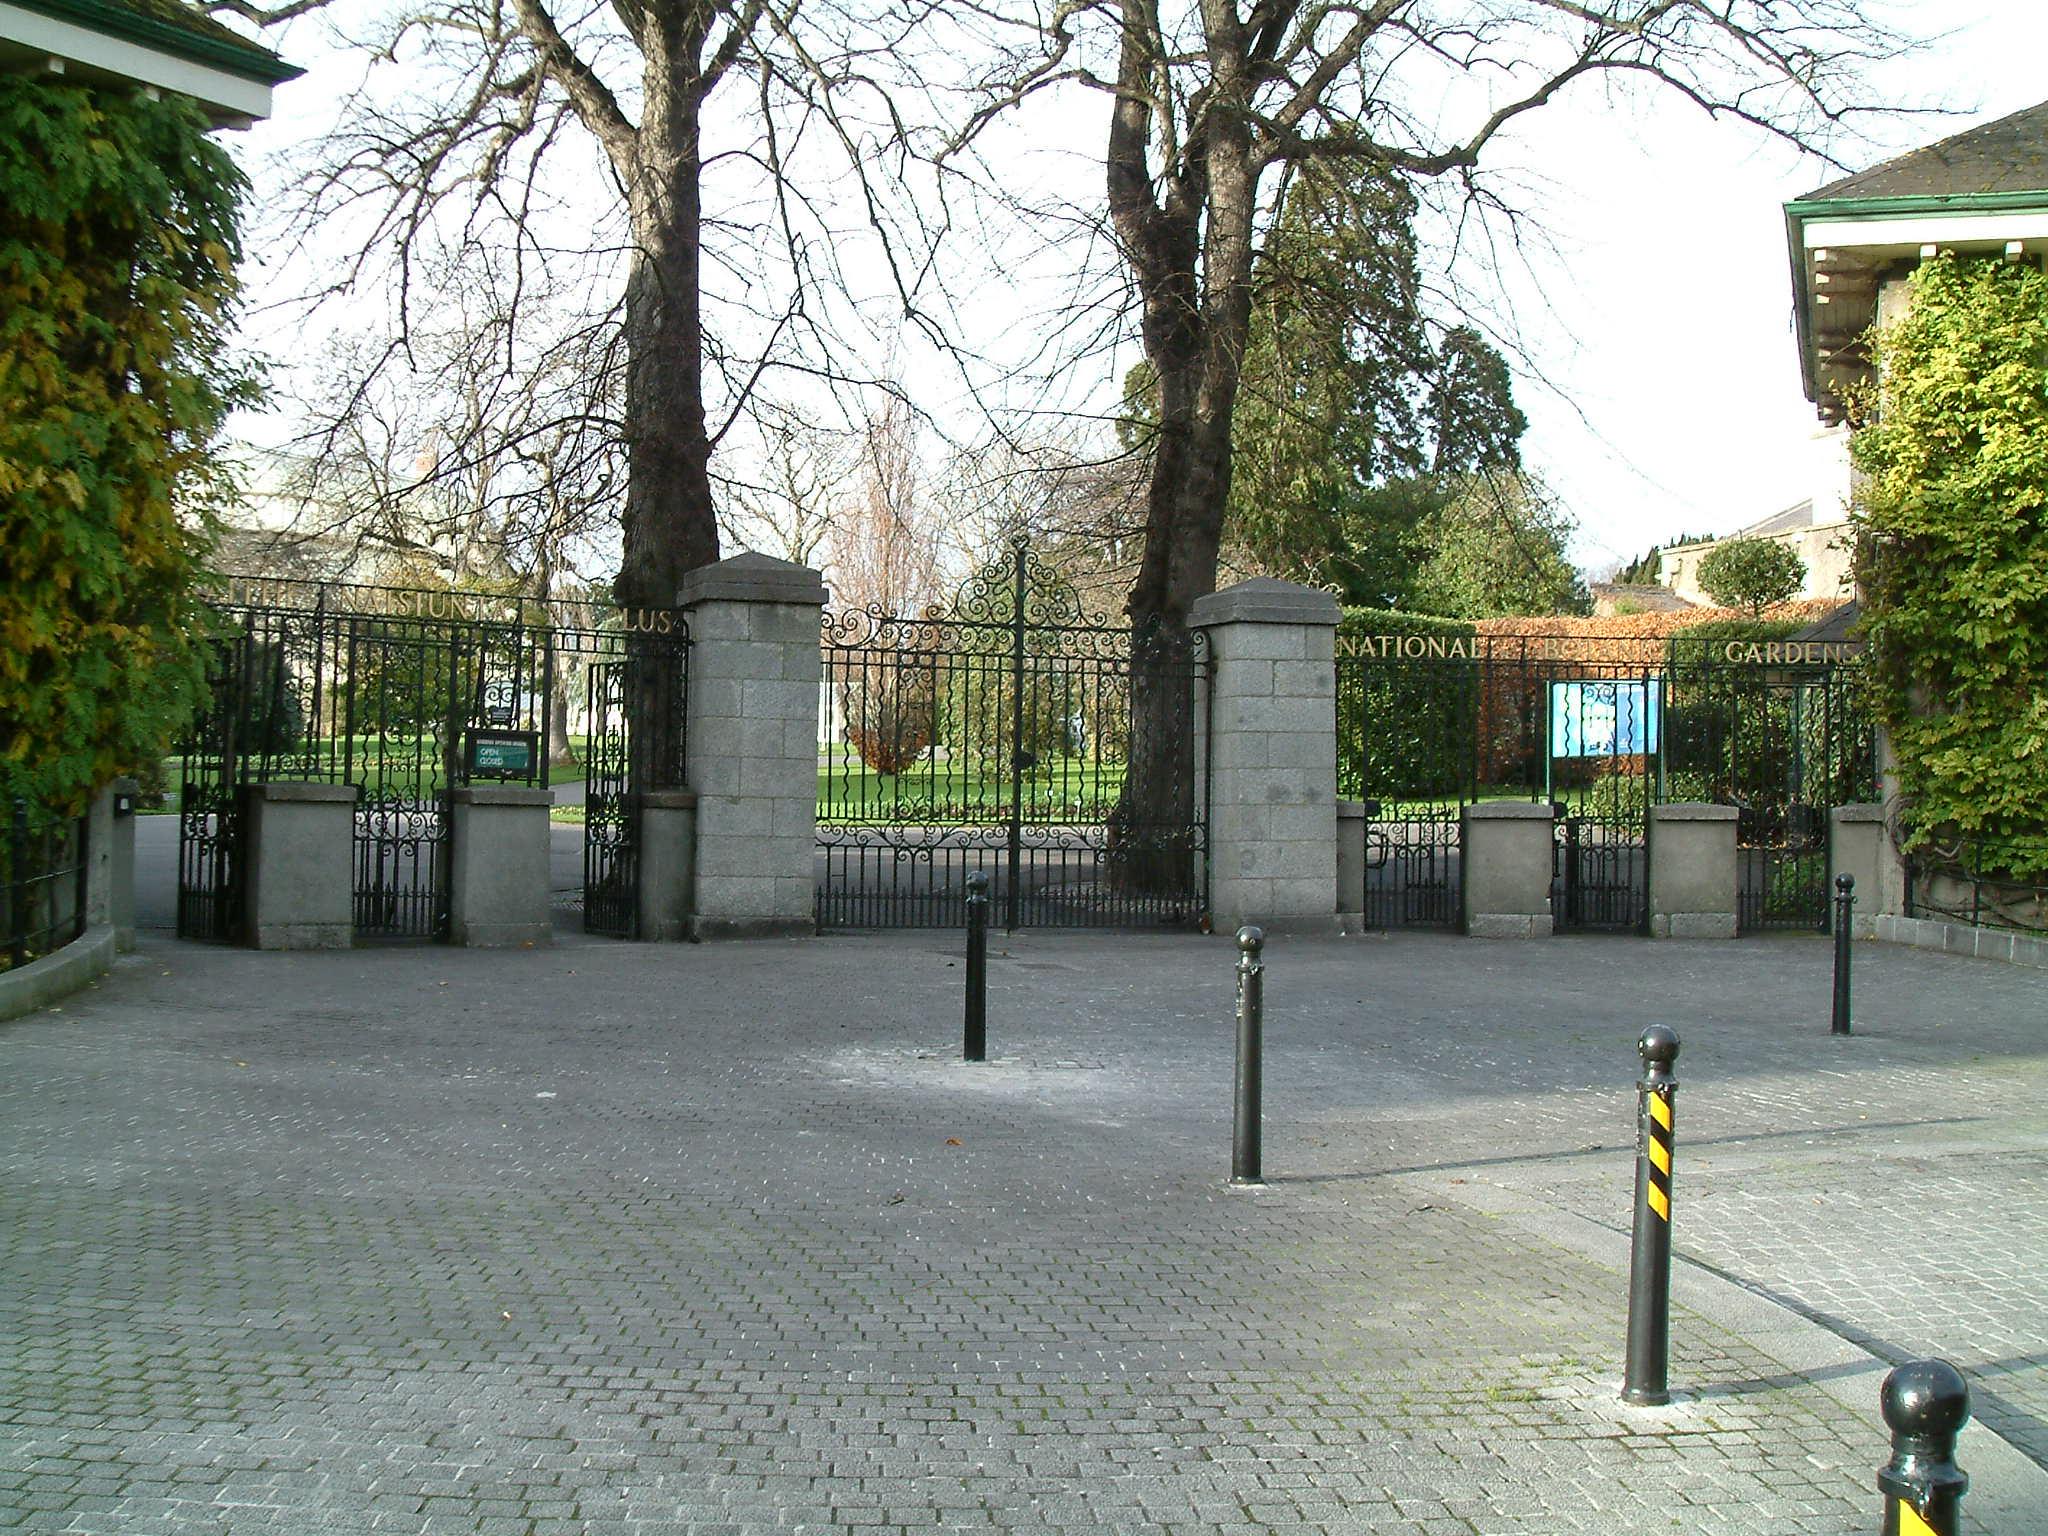 File:Dublin National Botanic Gardens Entrance.jpg